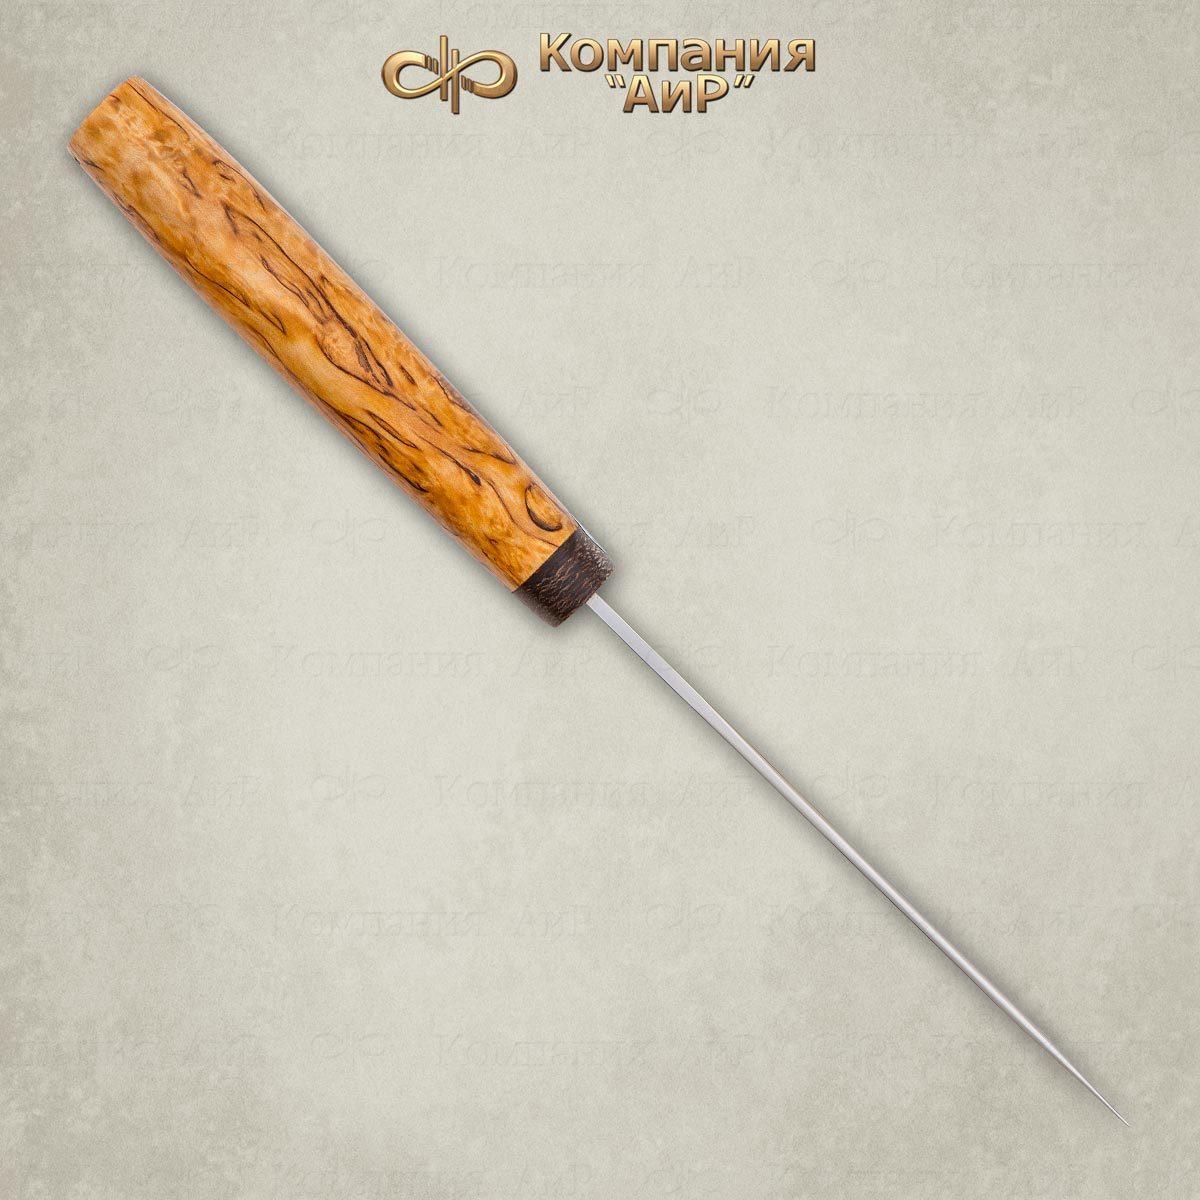 Фото 5 - Нож Пескарь, карельская береза, 95х18 от АиР